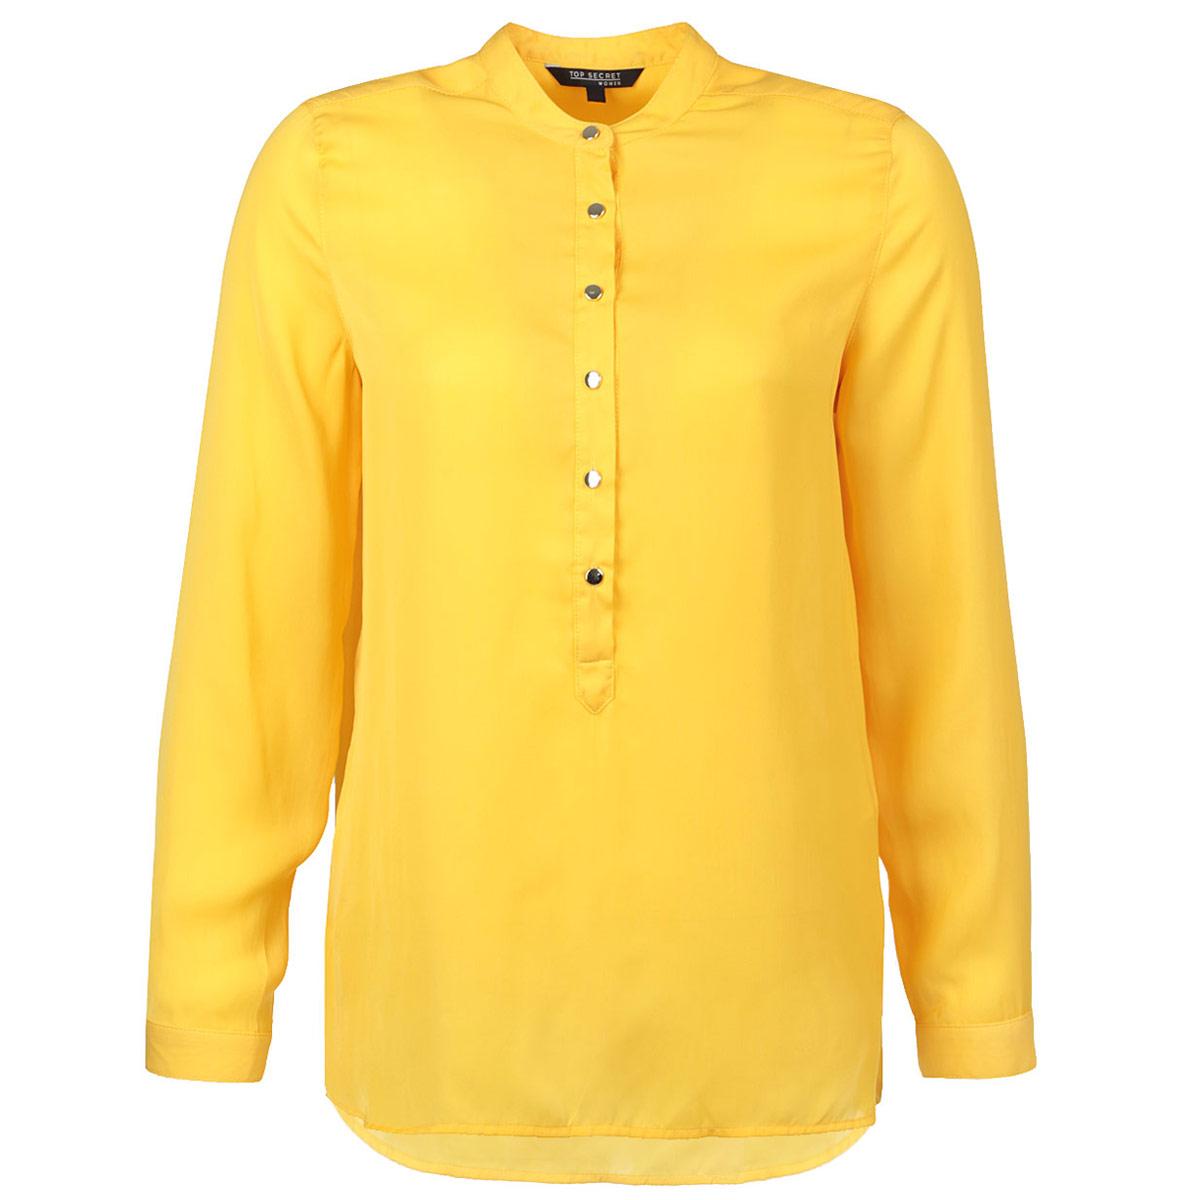 БлузкаSKL1702ZOСтильная блузка Top Secret выполнена из легкого полиэстера. Модель с круглым вырезом горловины, длинными рукавами и полукруглым низом. Спереди изделие застегивается на пуговицы до середины длины. Манжеты также застегиваются на пуговицы. Спинка модели удлиненная. Оригинальный дизайн этой блузки не позволит вам остаться незамеченной!